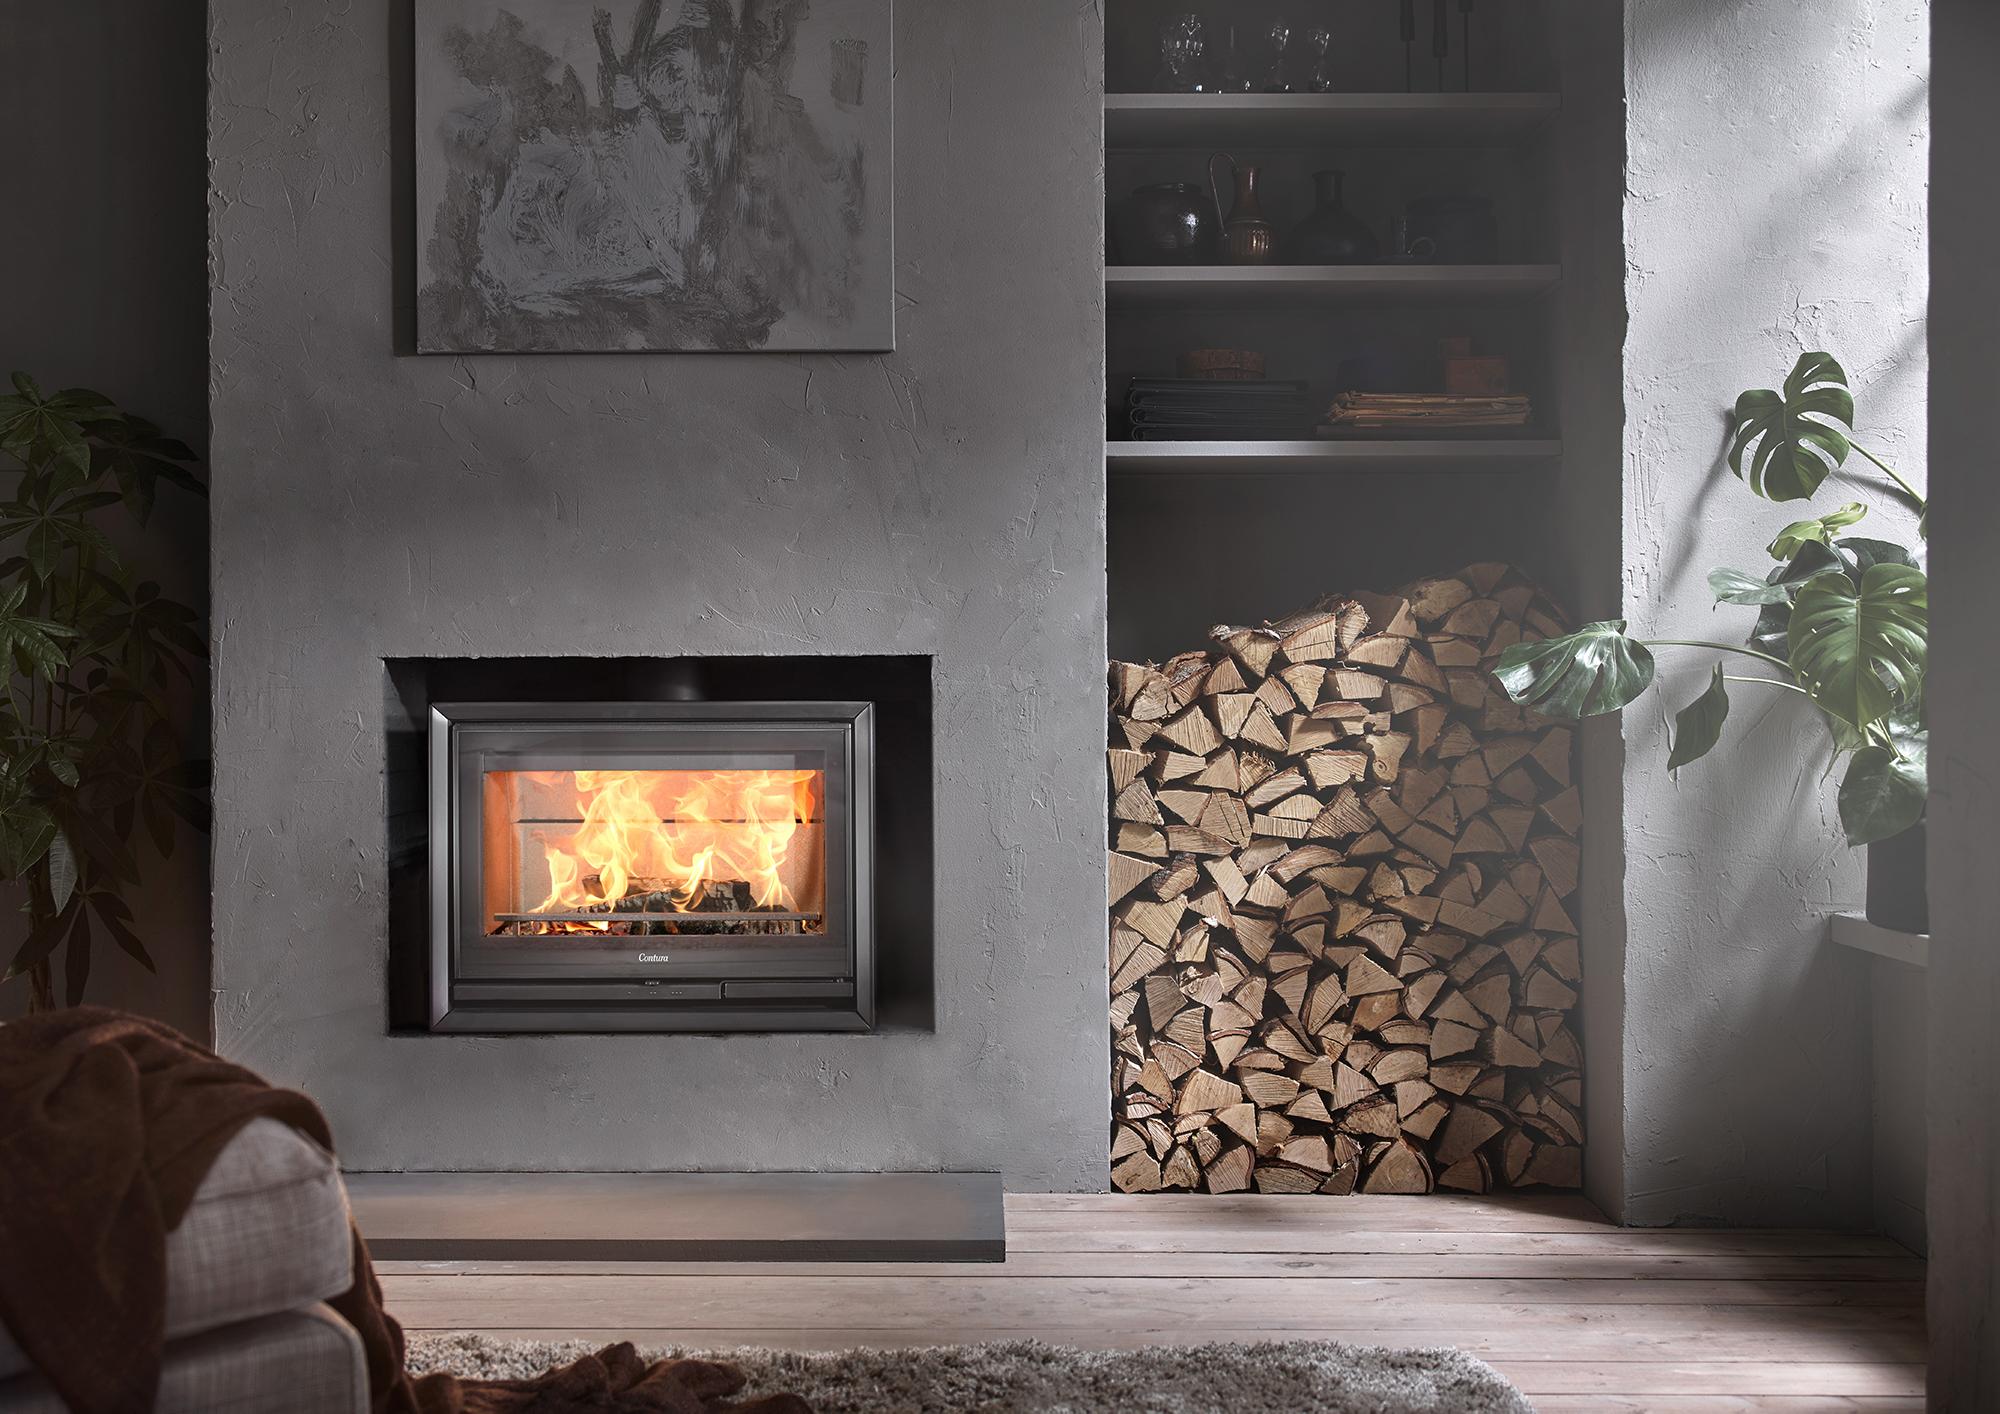 5729cebf Skal du velge ovn bør du tenkte på at varmebehovet er forskjellig i gamle  og nye hus. Nye ovner er rentbrennende og gir mye varme.